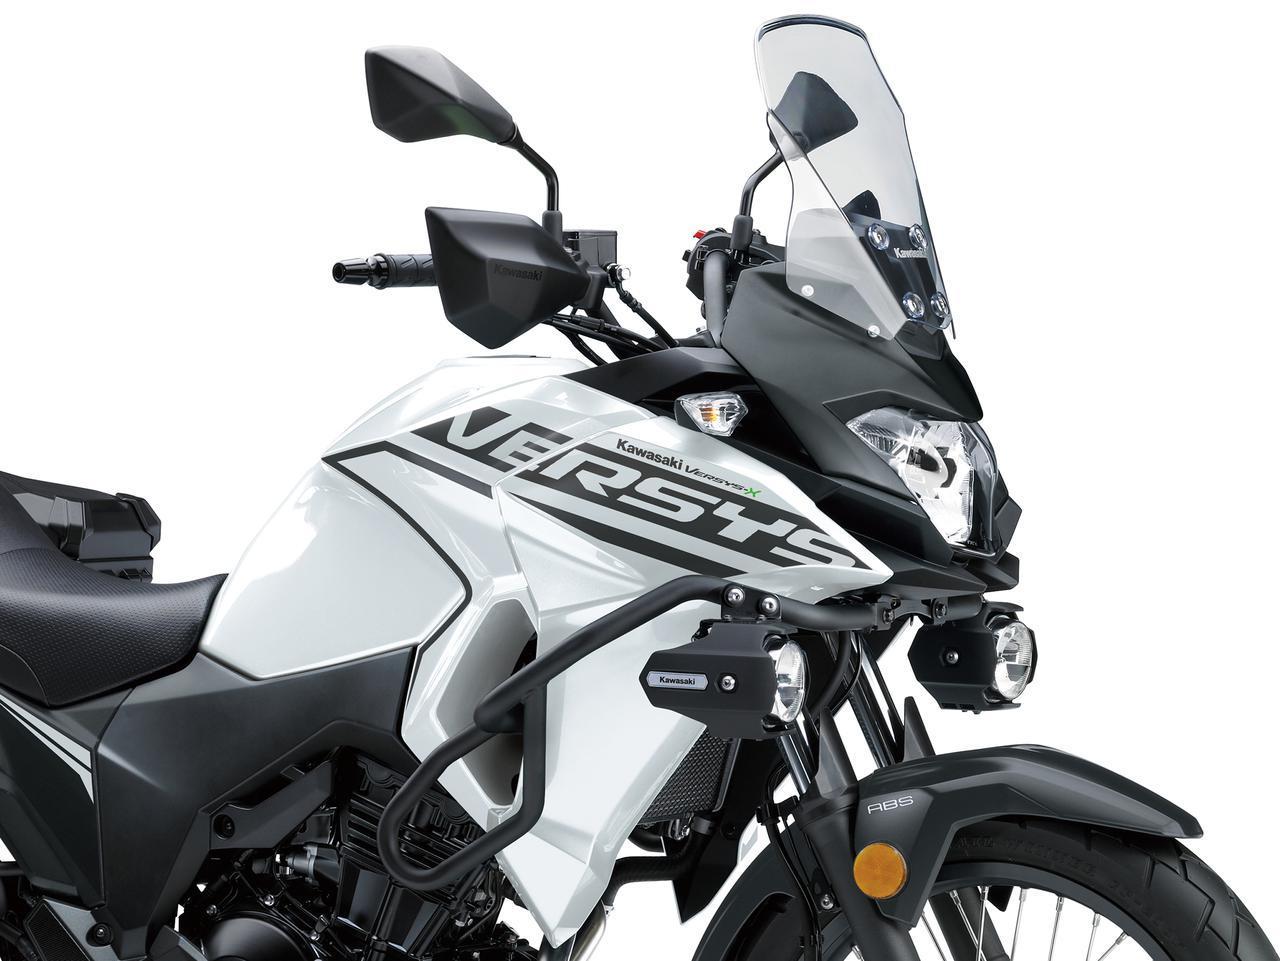 画像: カワサキが「VERSYS-X 250 TOURER」の2020年モデルを発表!初めての白ボディ、さらに都市迷彩風のグレーも新たなグラフィックで復活! - webオートバイ